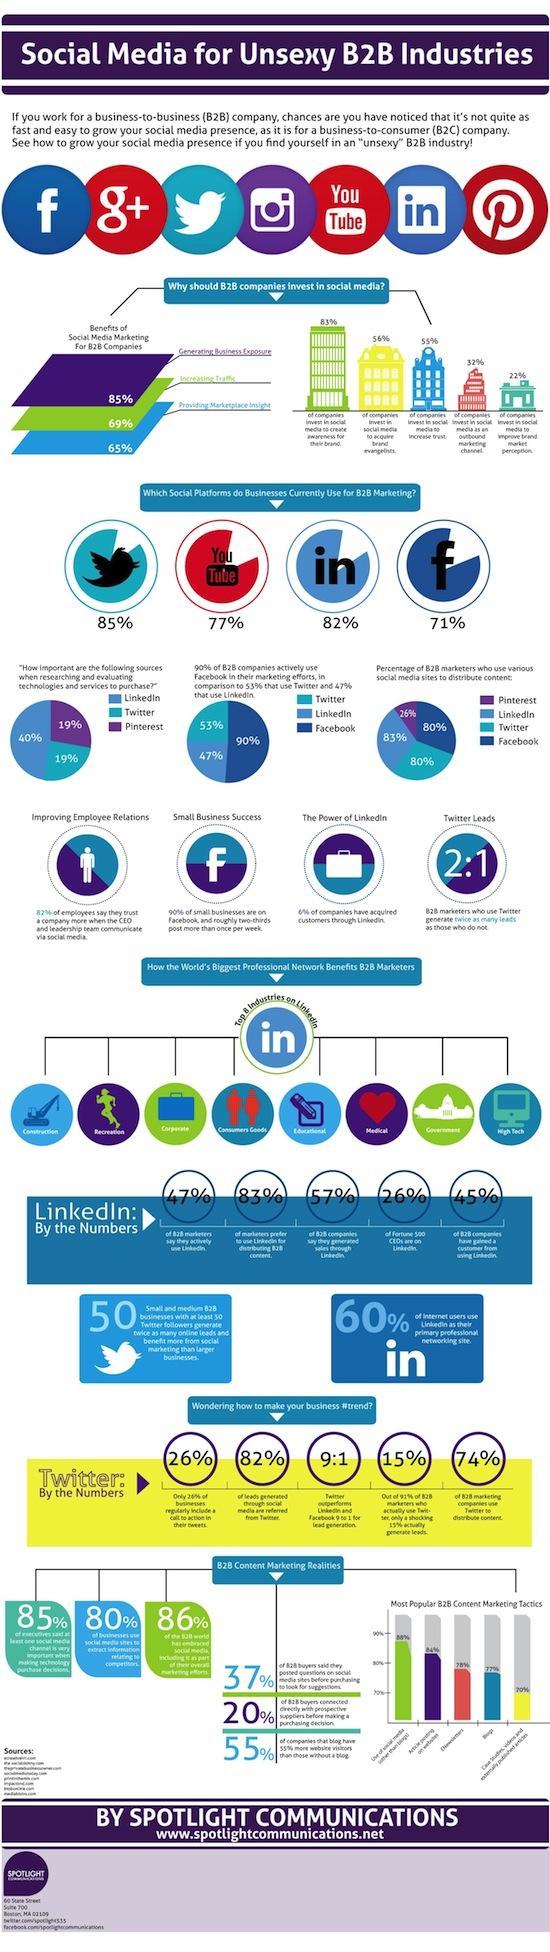 Sociale media in B2B